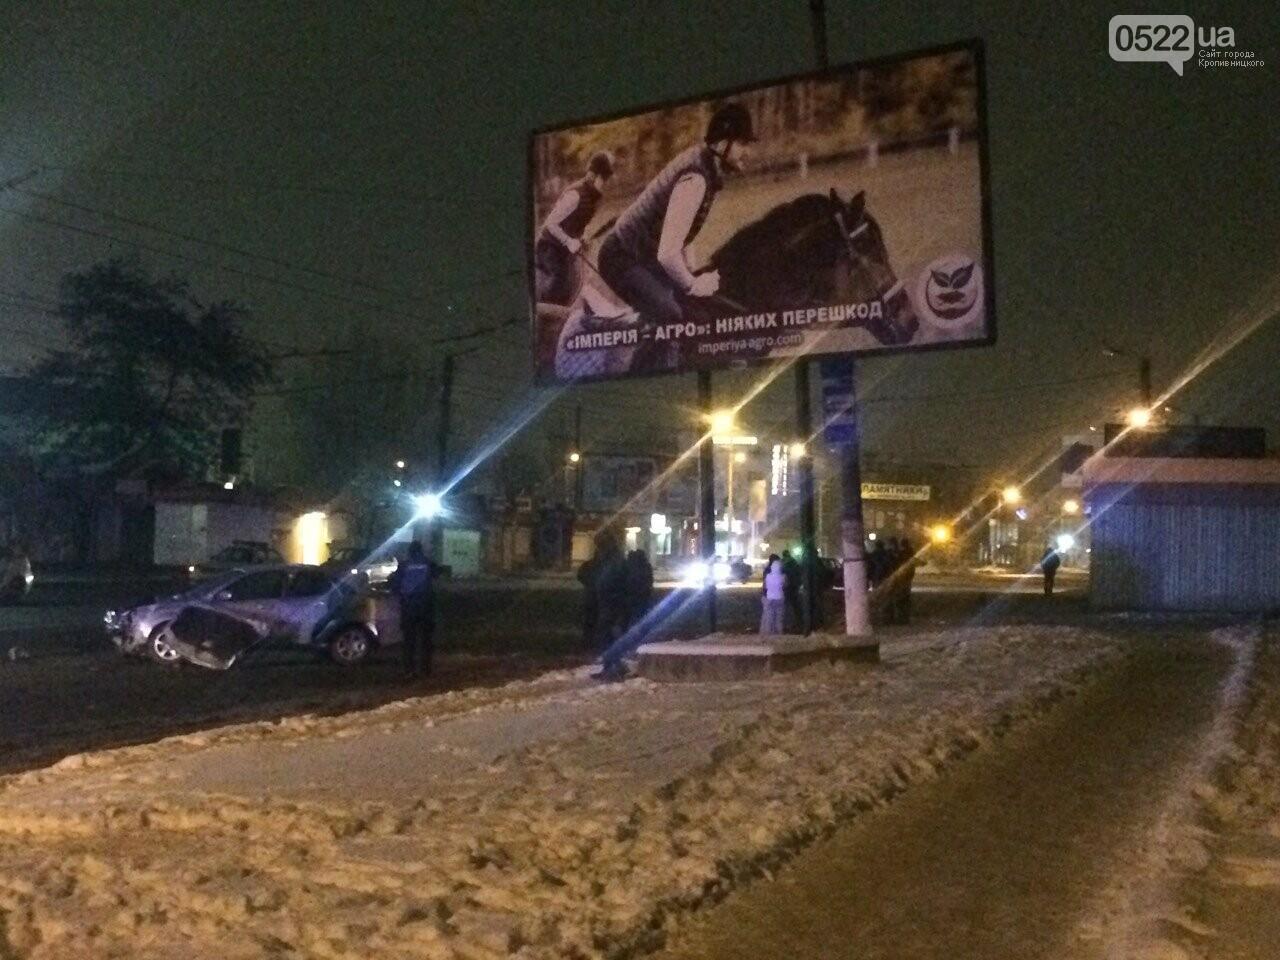 Ночное ДТП в Кропивницком: автомобиль вылетел на остановку и сбил iBox. ФОТО, фото-9